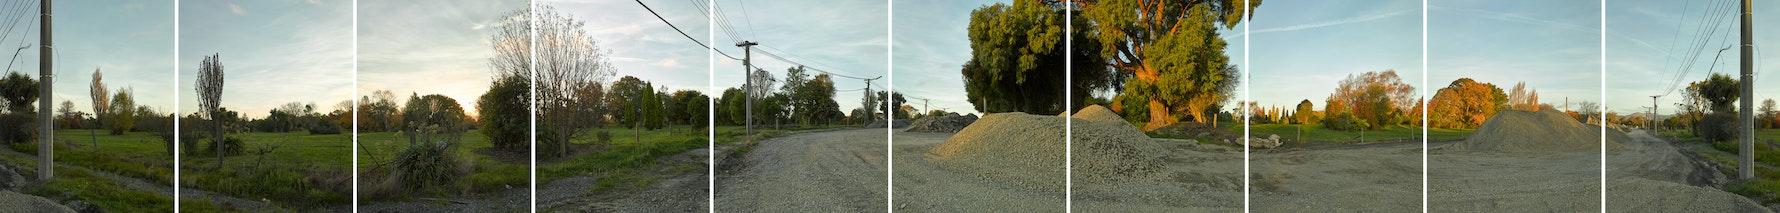 Keller Street, 2018. 360 degree panorama.